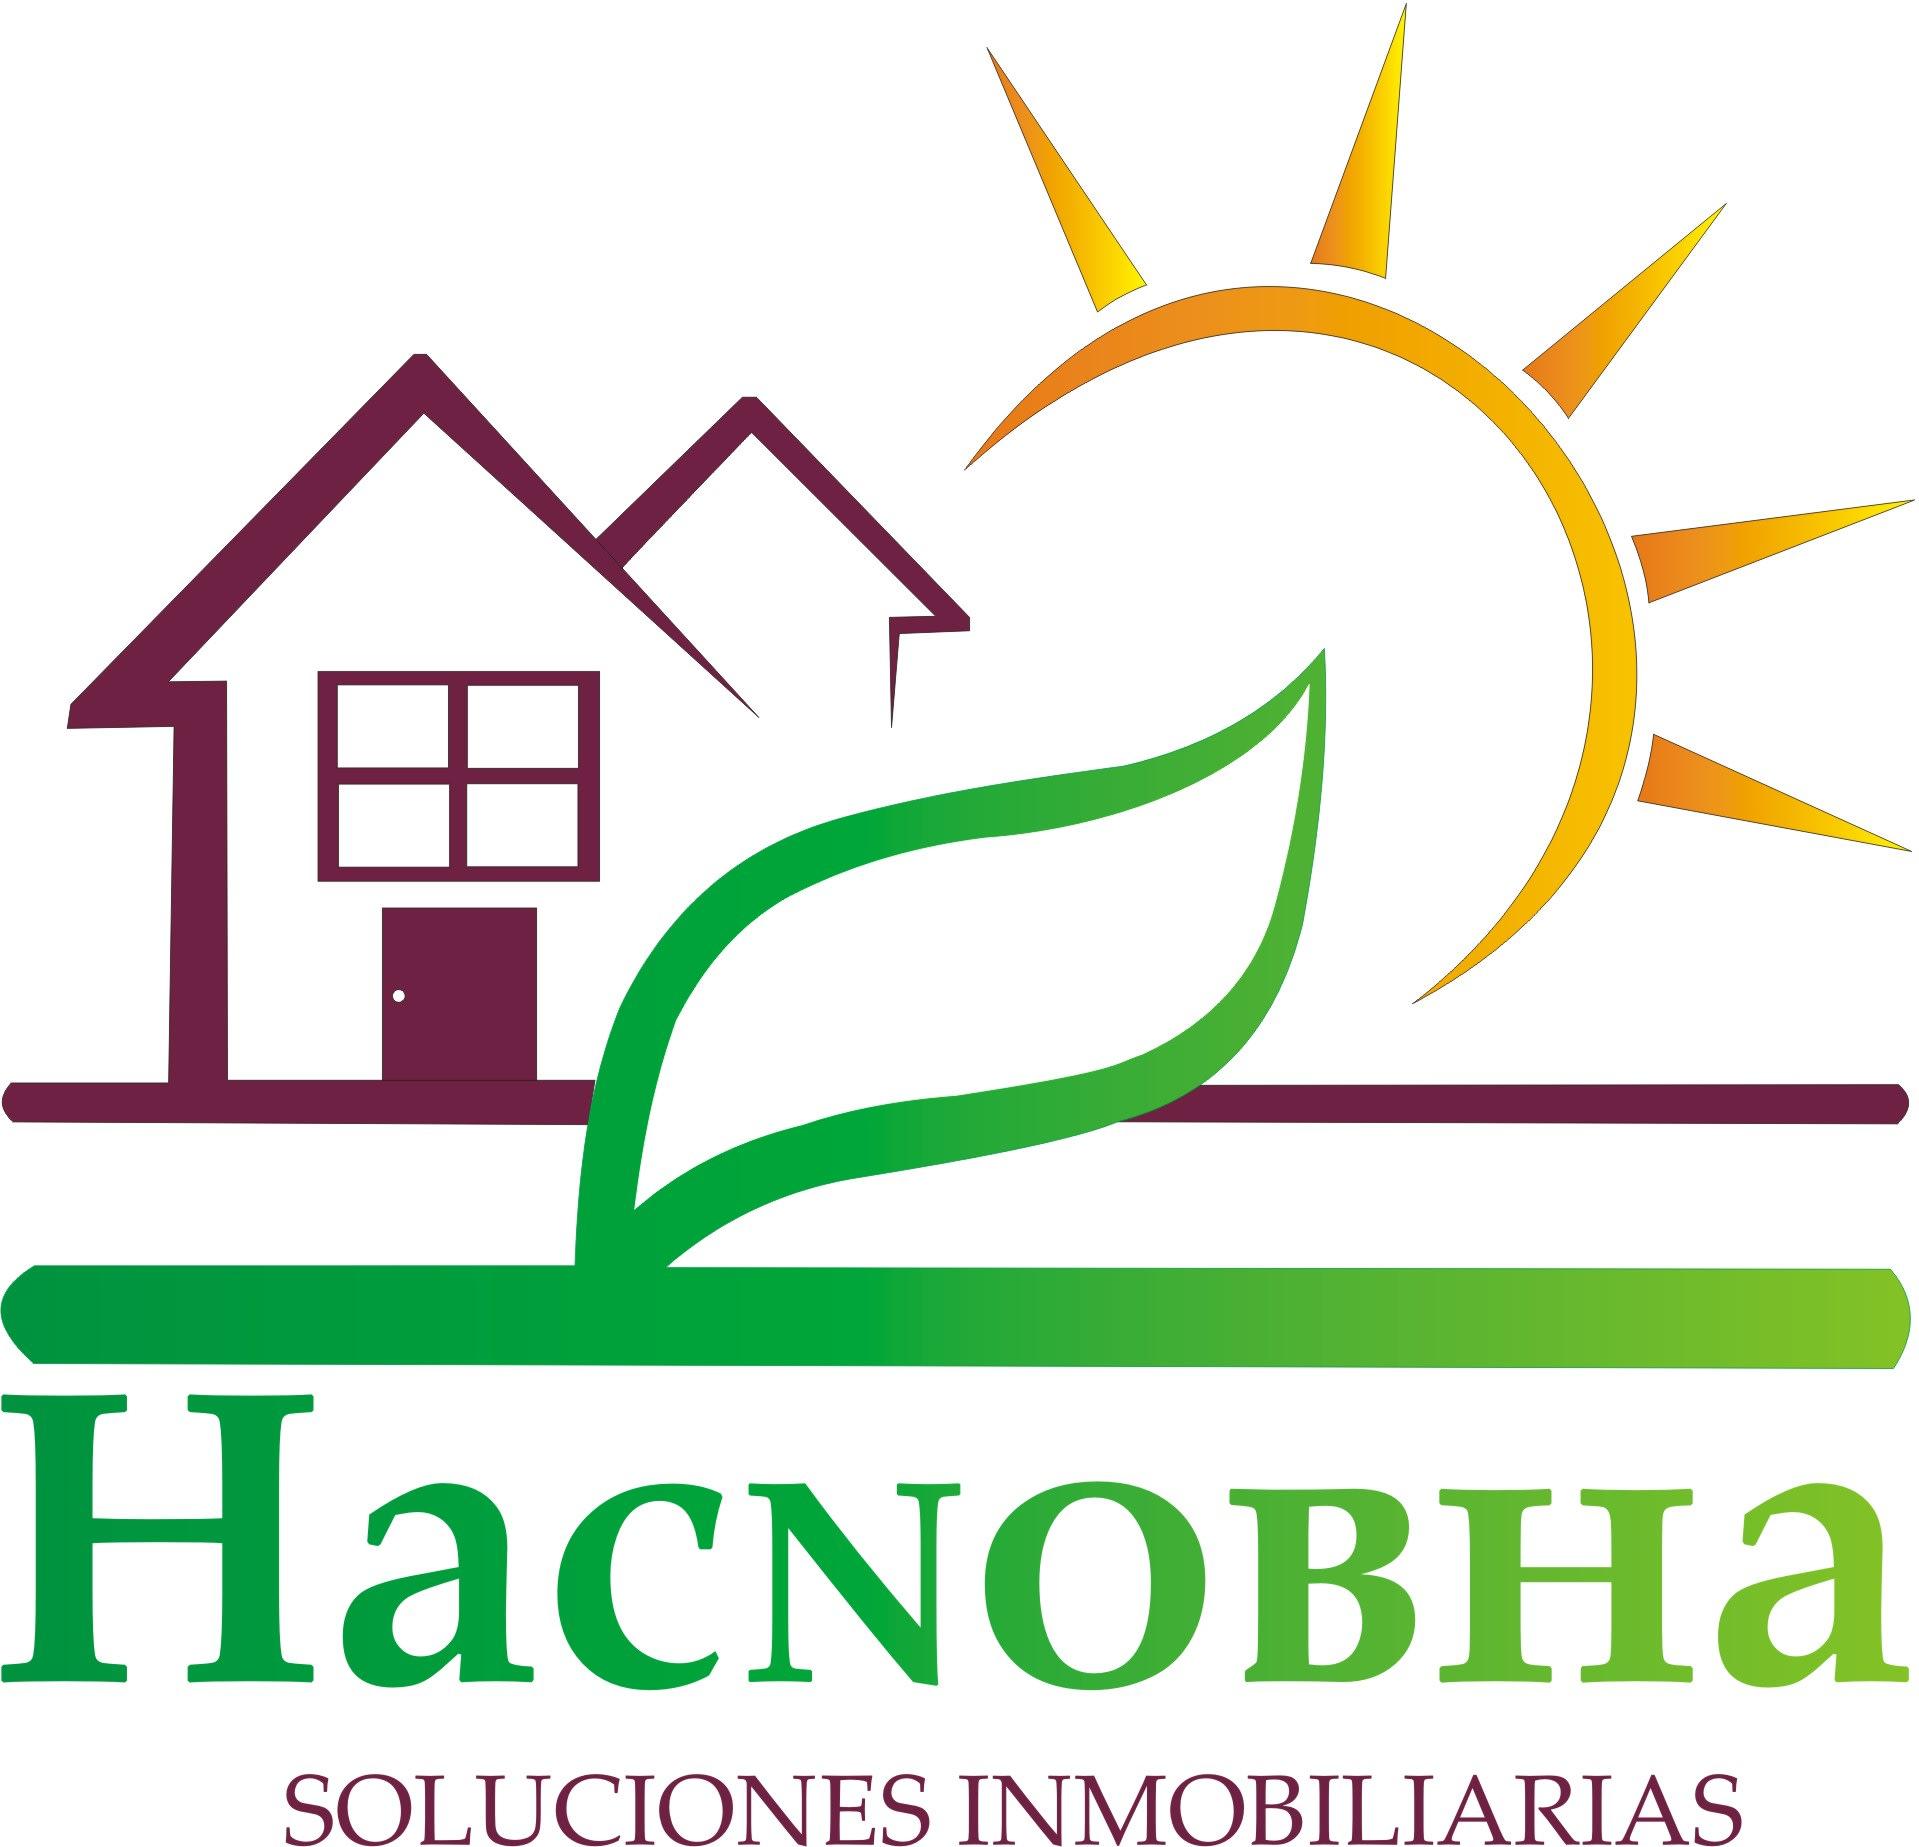 Hacnobha Soluciones Inmobiliarias